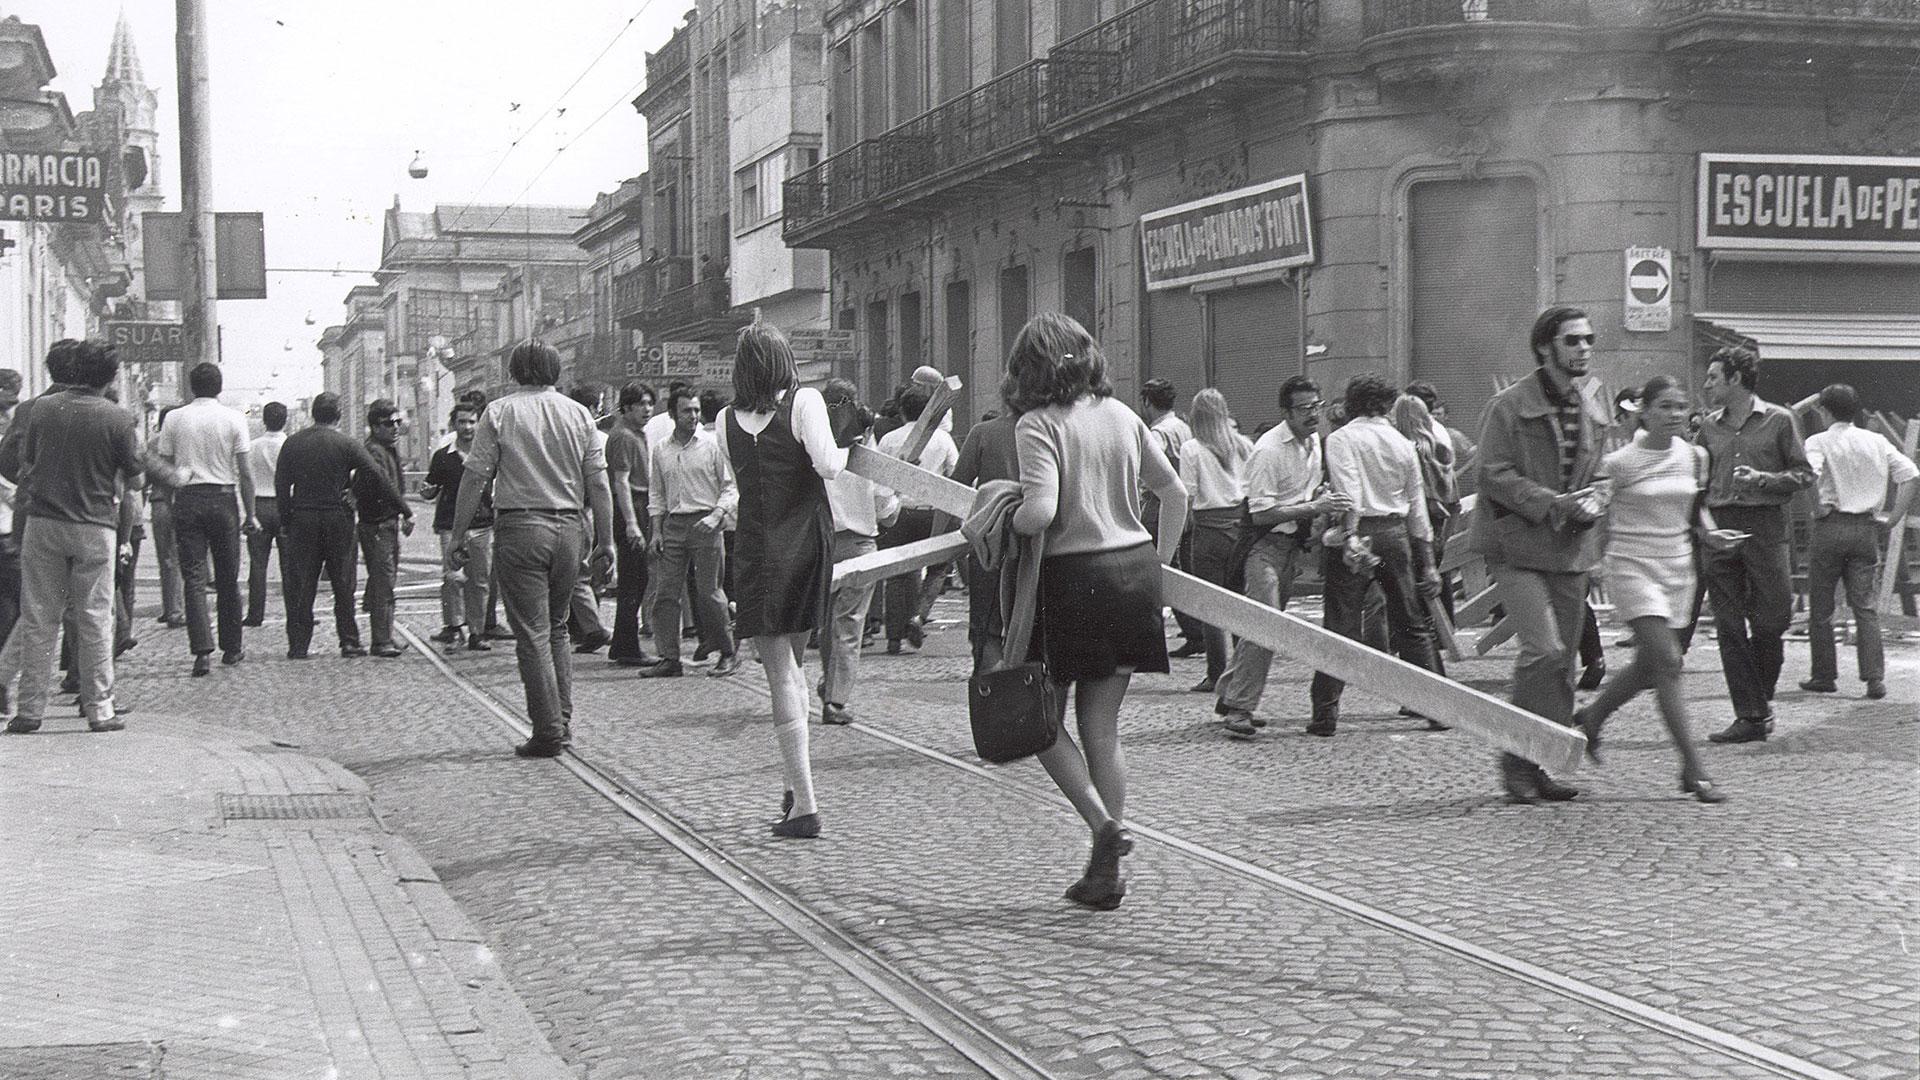 El Rosariazo fue una serie de protestas que tuvieron lugar en mayo de 1969 contra la dictadura de Juan Carlos Onganía